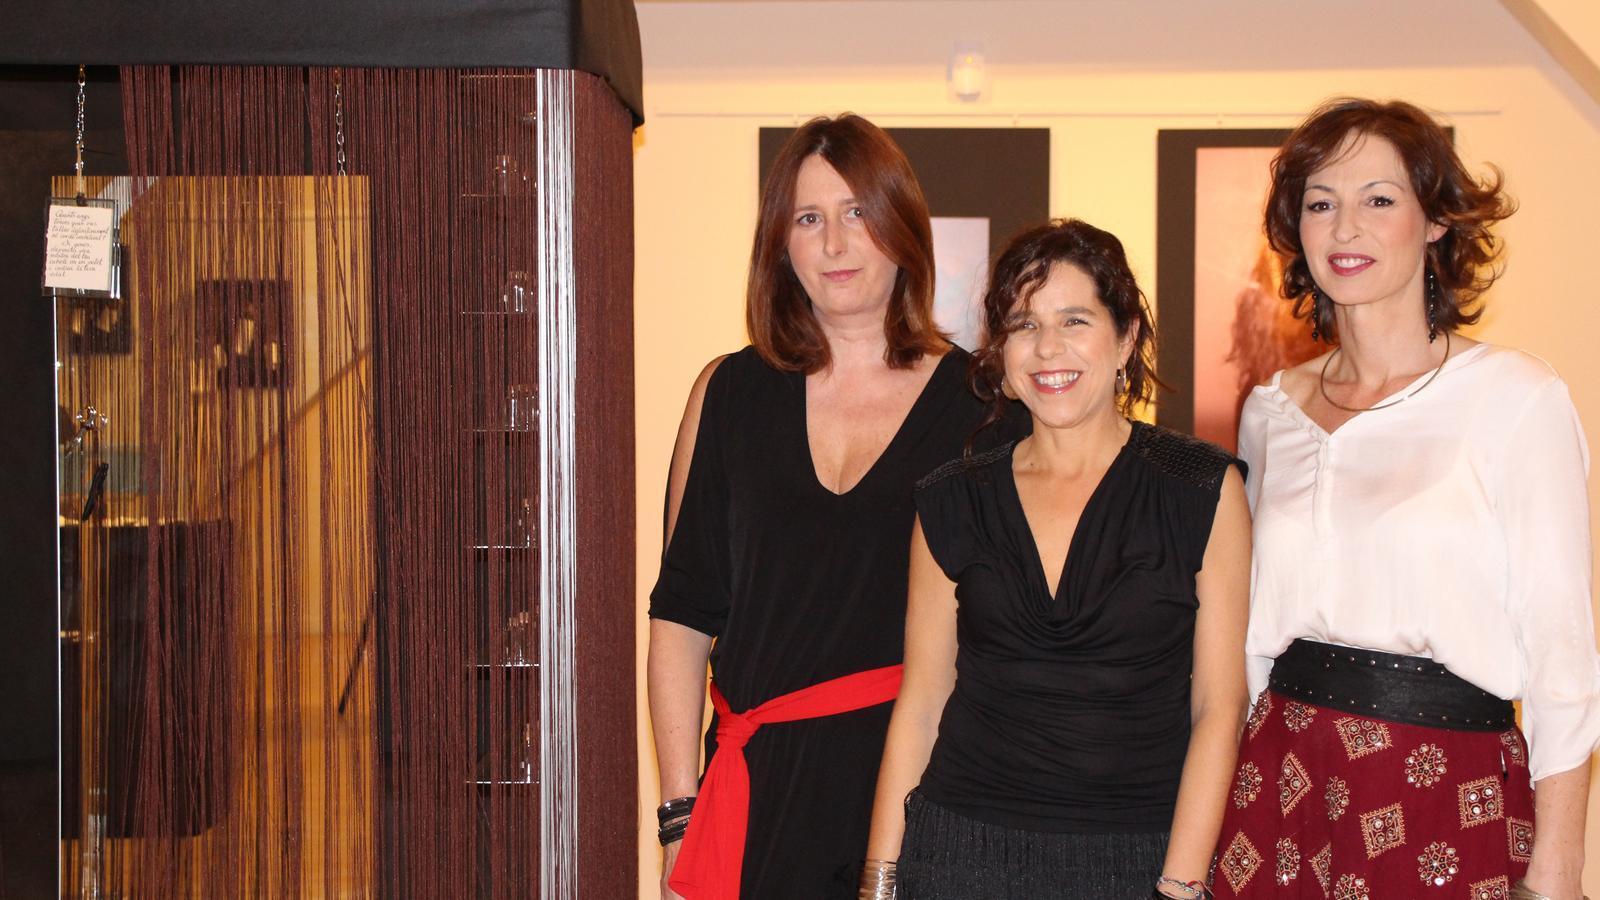 Rosa Mujal, Girasol Blanco i Natàlia Álvarez, al costat de la seva creació conjunta 'La cabina'. / M. R. F.